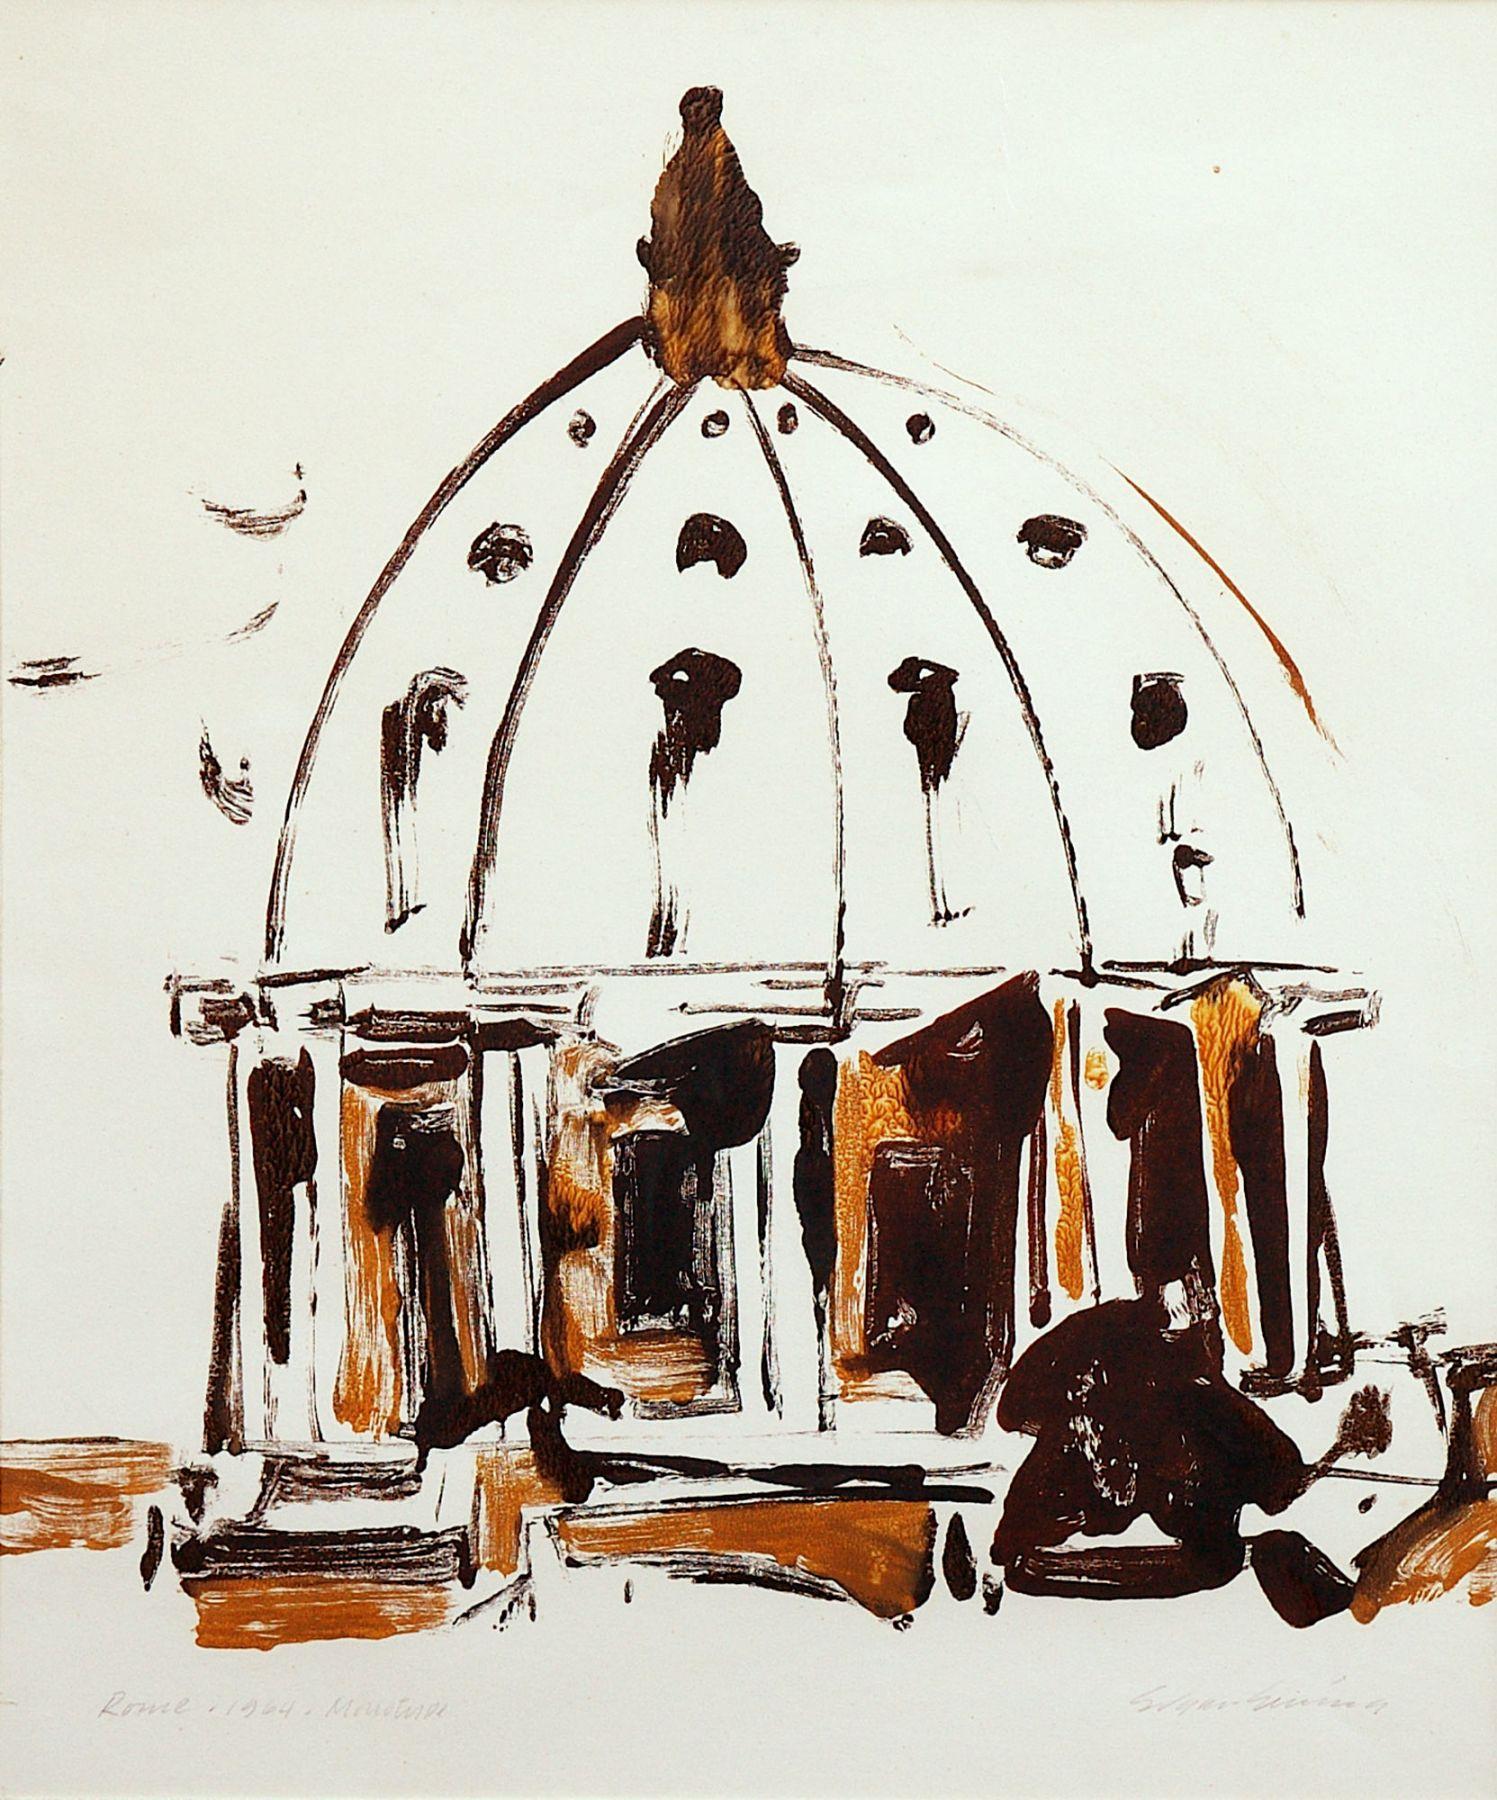 EDGAR EWING (1913-2006), Basilica San Pietro, 1964